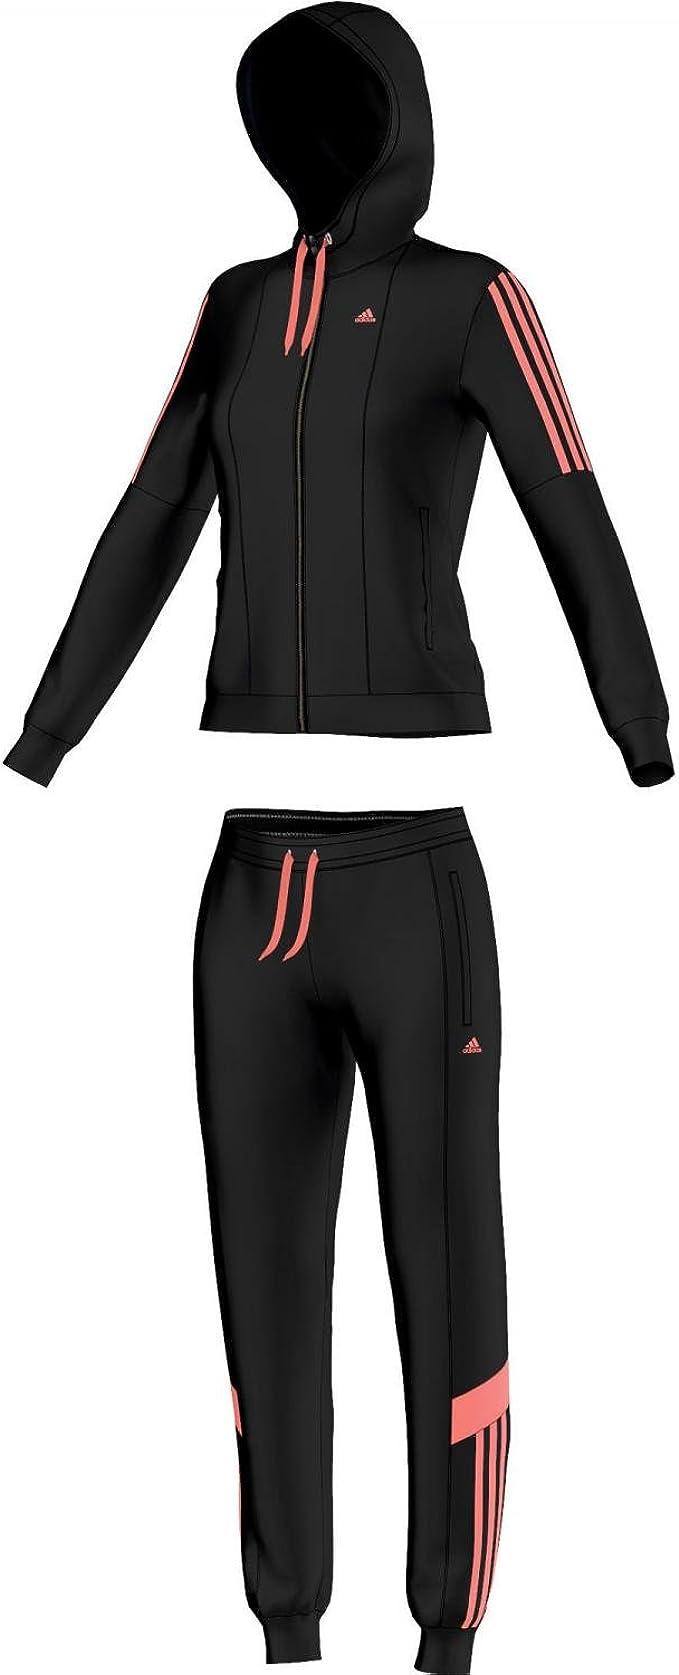 Damen Trainingsanzug in Schwarz und Weiß   adidas Deutschland